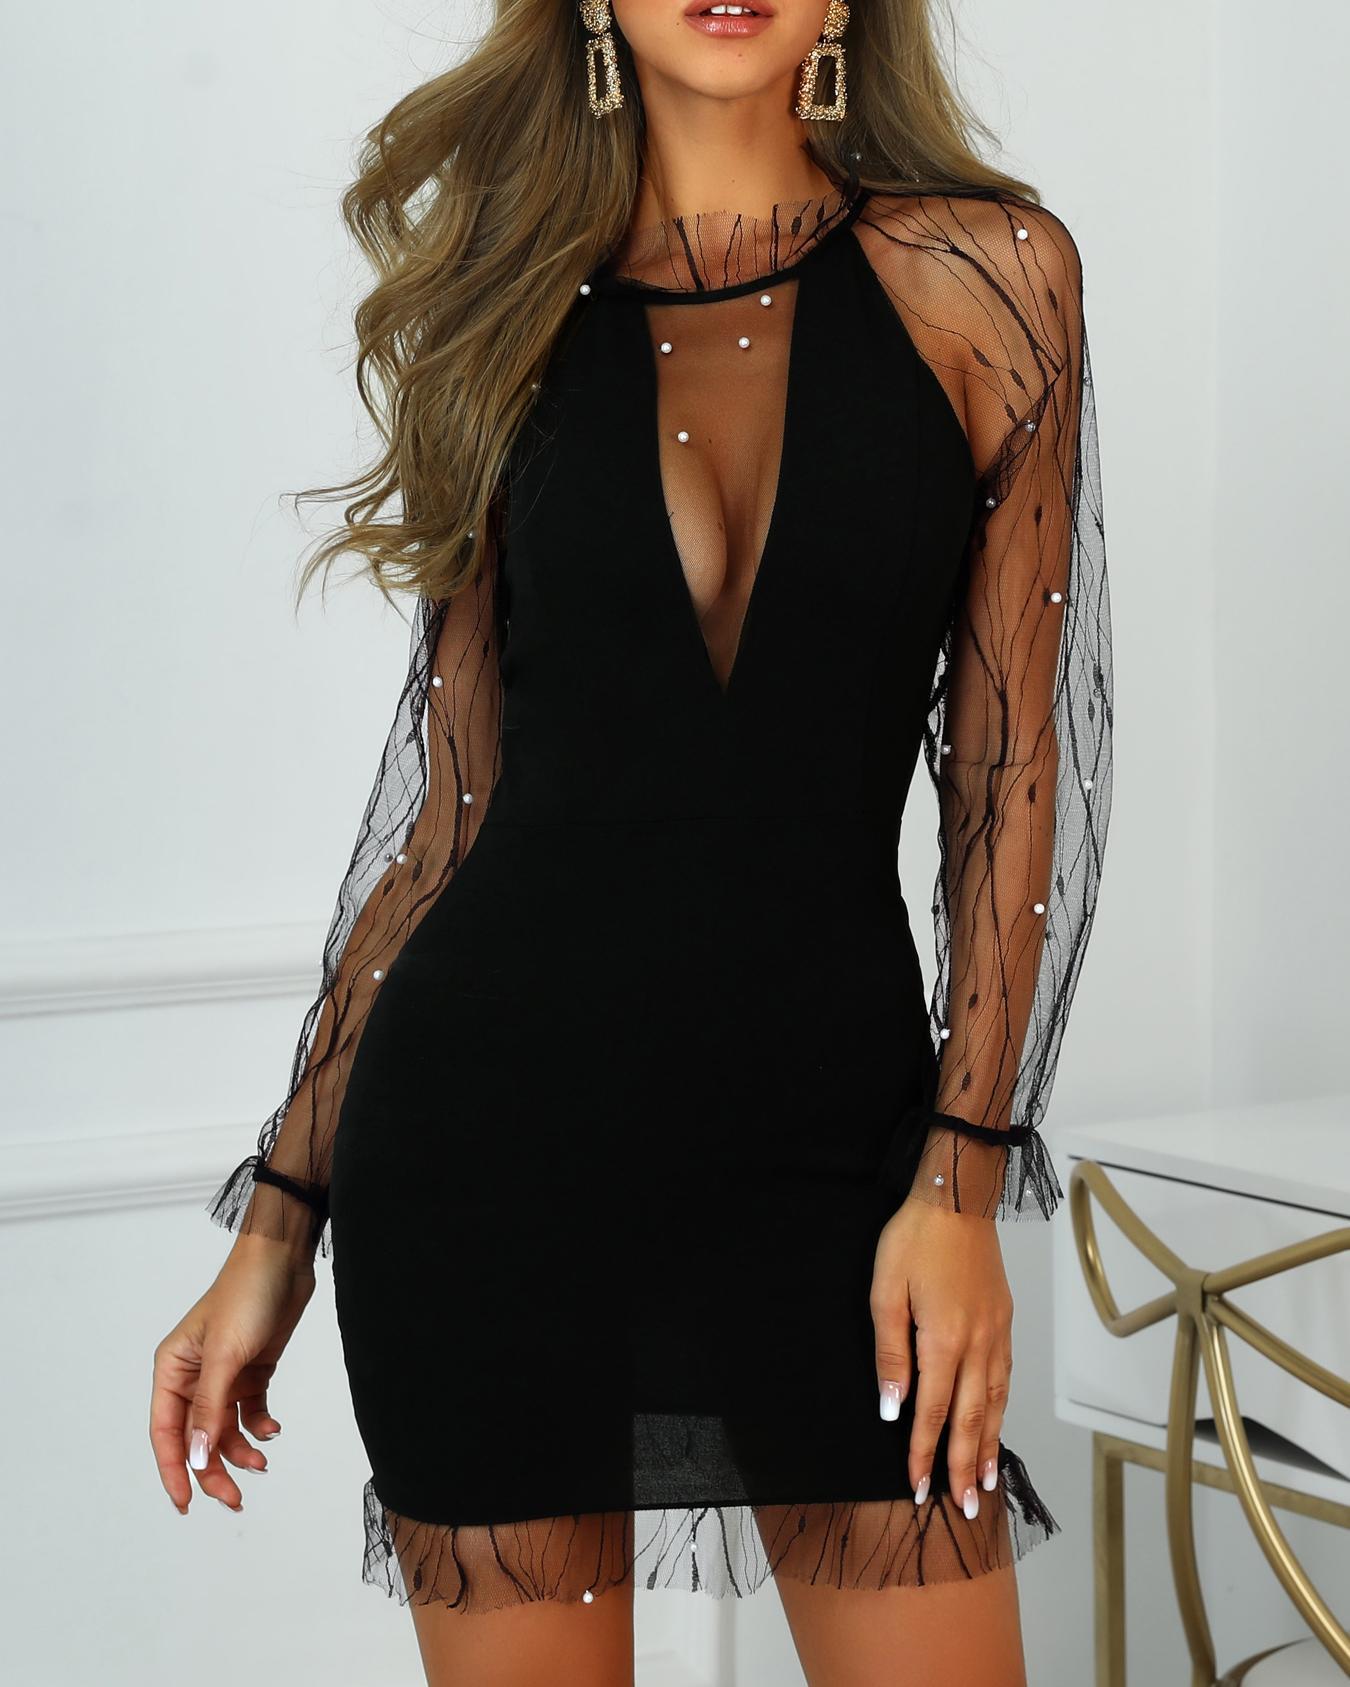 boutiquefeel / Vestido de fiesta con detalle de cuentas de malla transparente